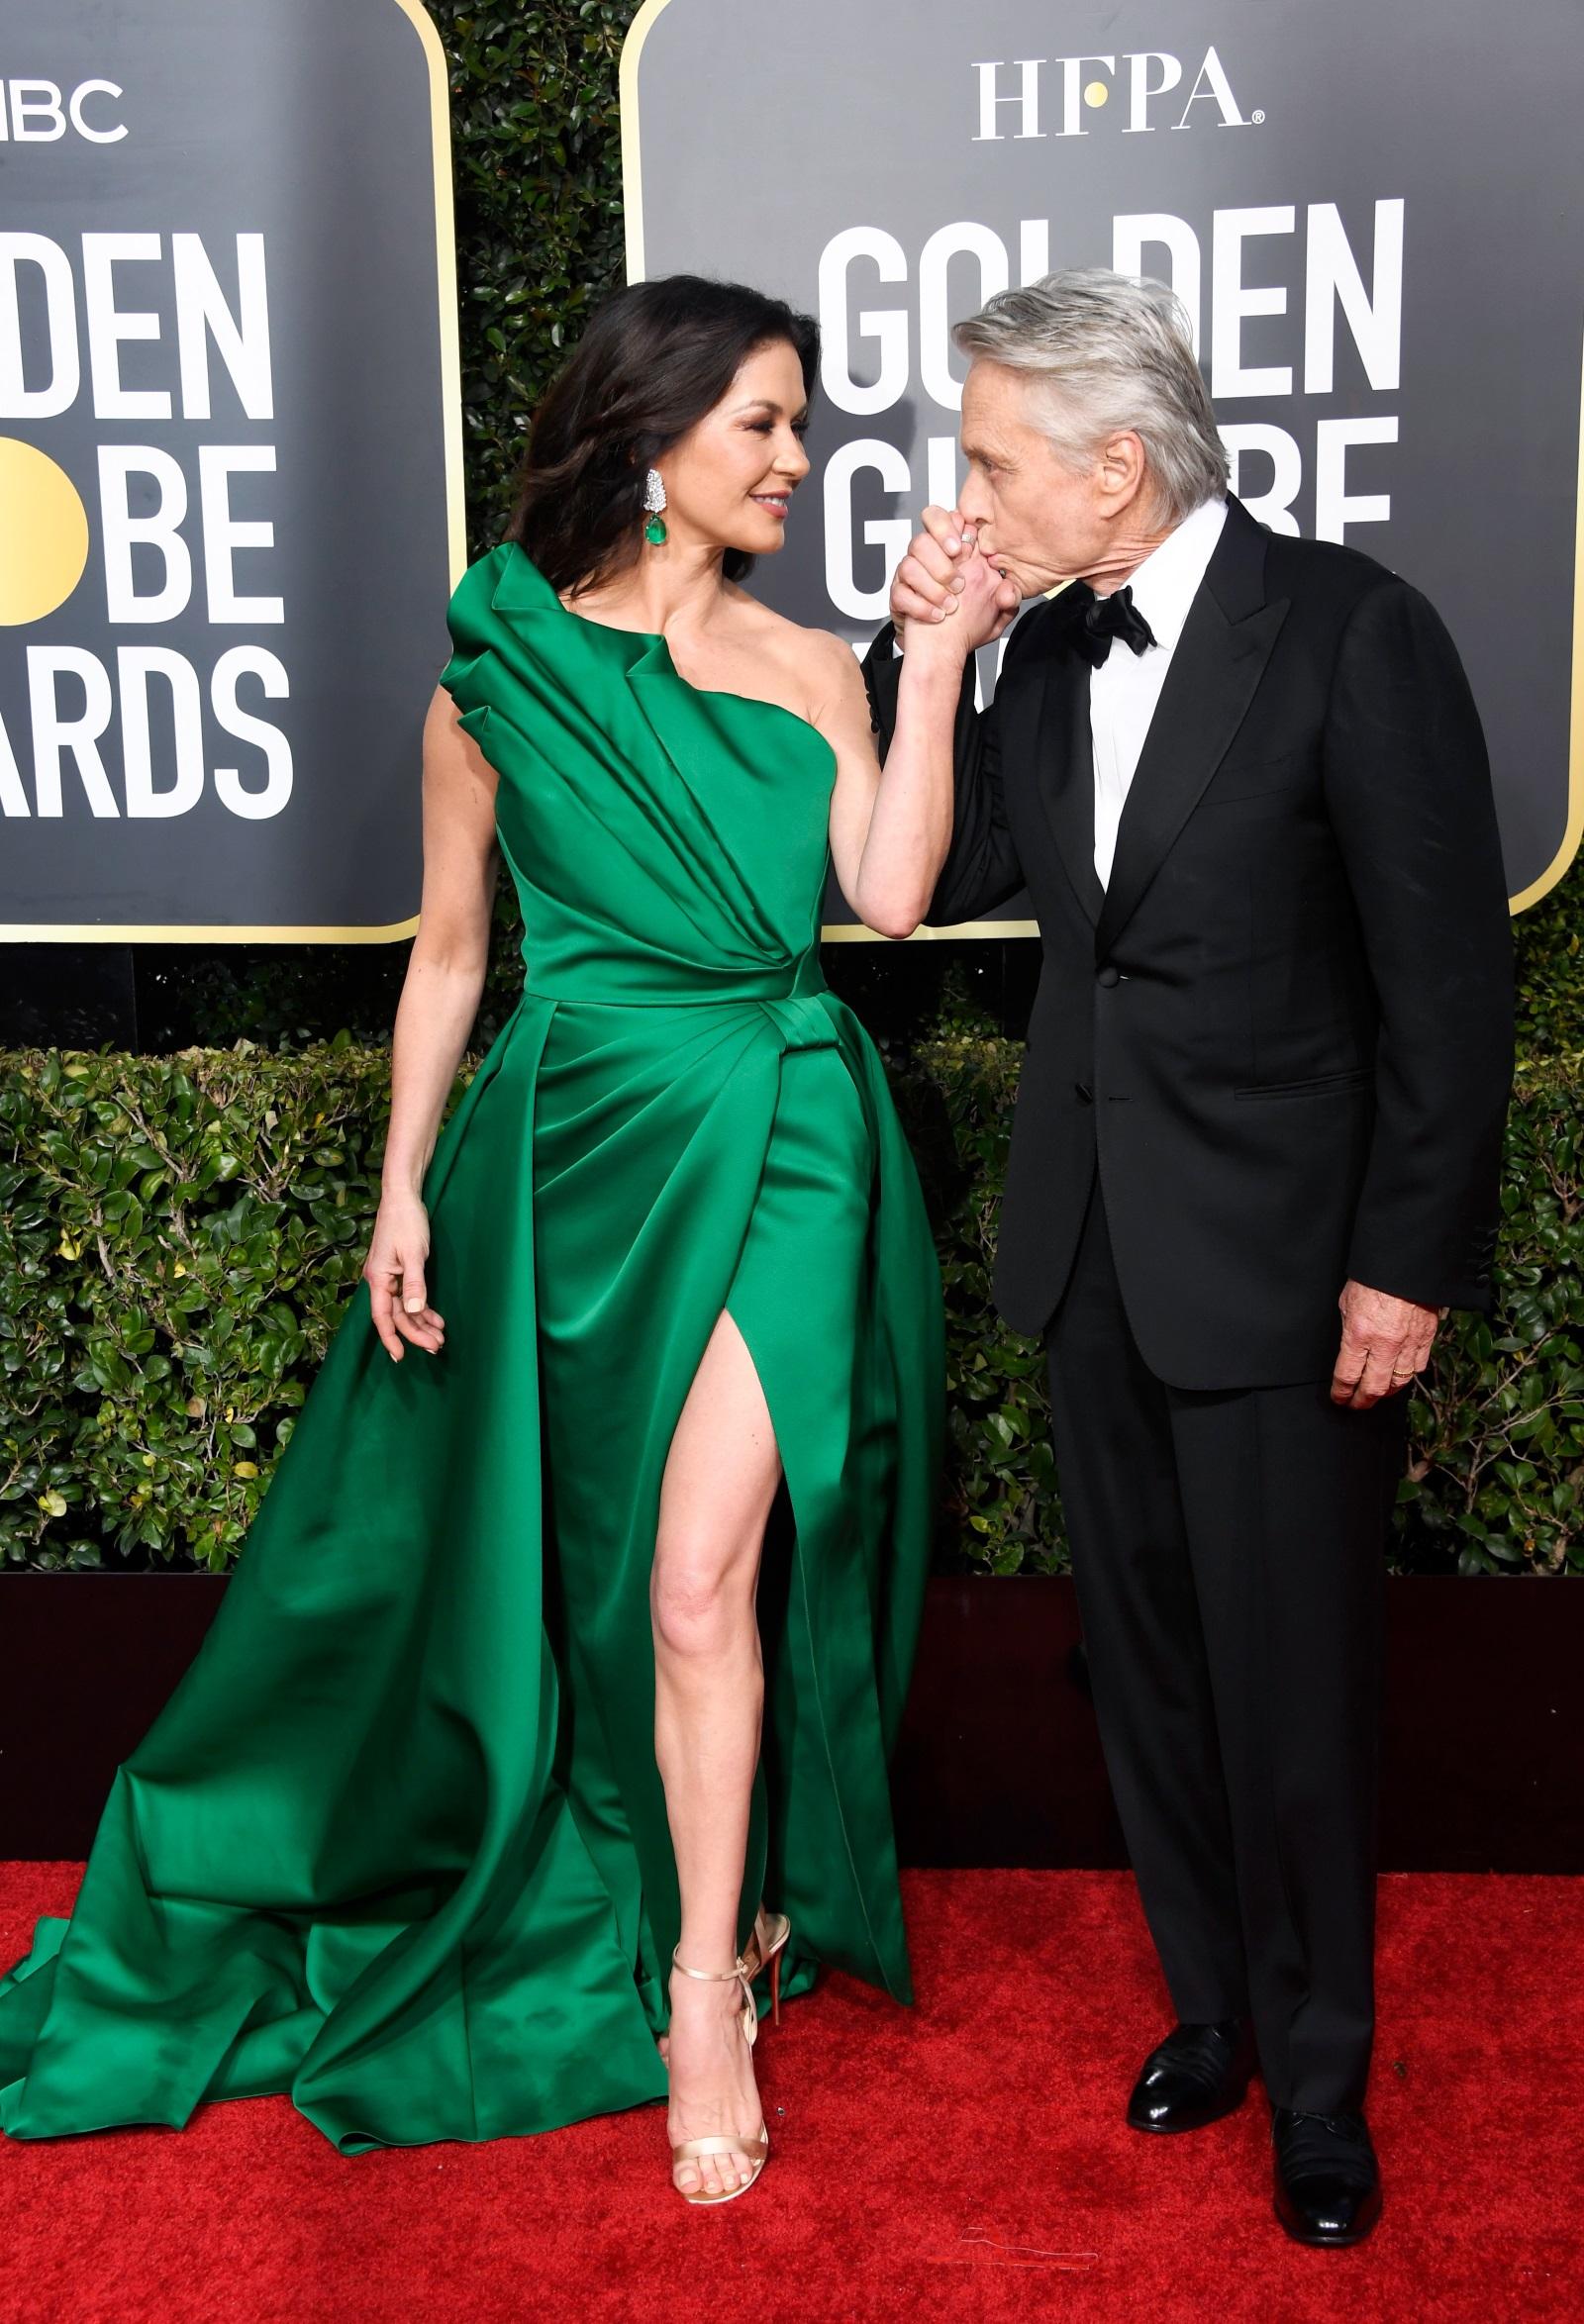 """На 25 септември Катрин Зита-Джоунс ще навърши 50 г. Последната медийна поява на актрисата беше преди седмица на наградите """"Златен глобус"""". Съпругата на Майкъл Дъглас изглеждаше зашеметяващо с рокля с едно рамо в зелен цвят и висока цепка от лявата страна."""